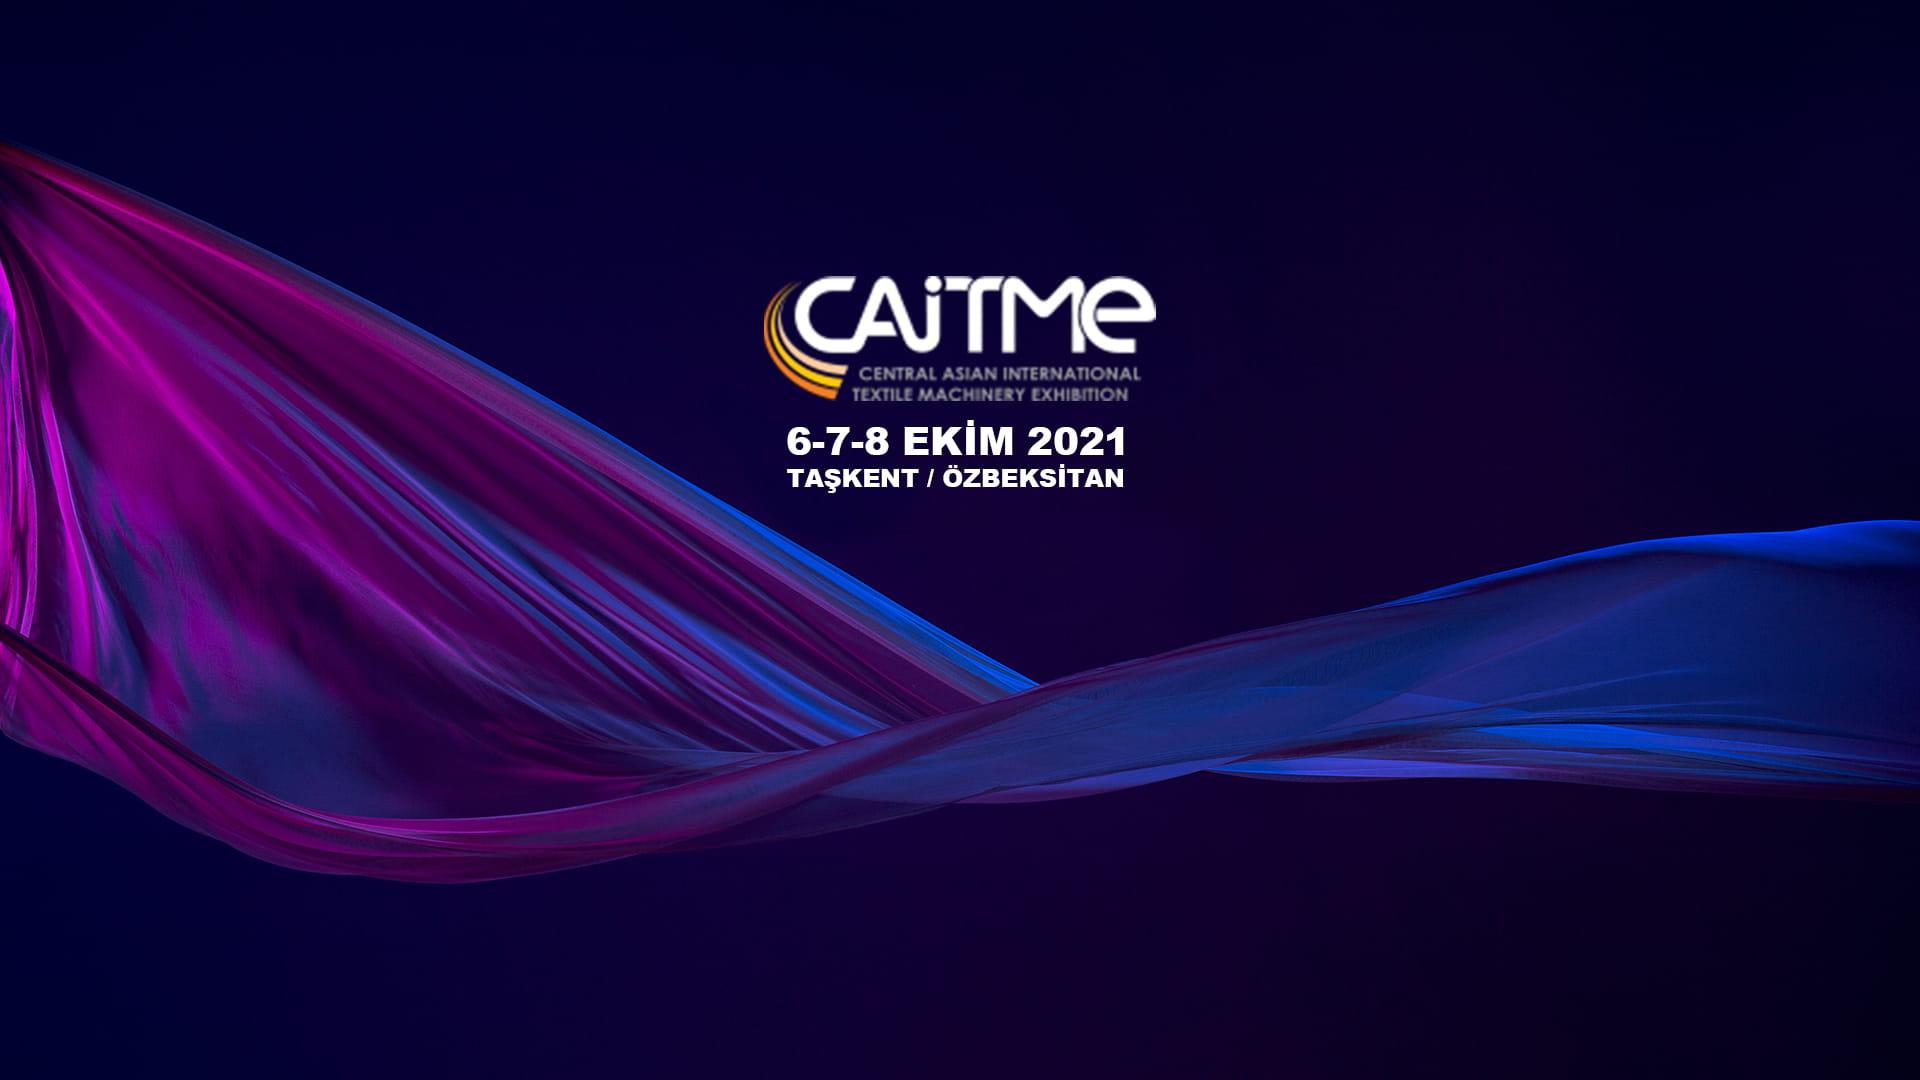 CAITME 2021